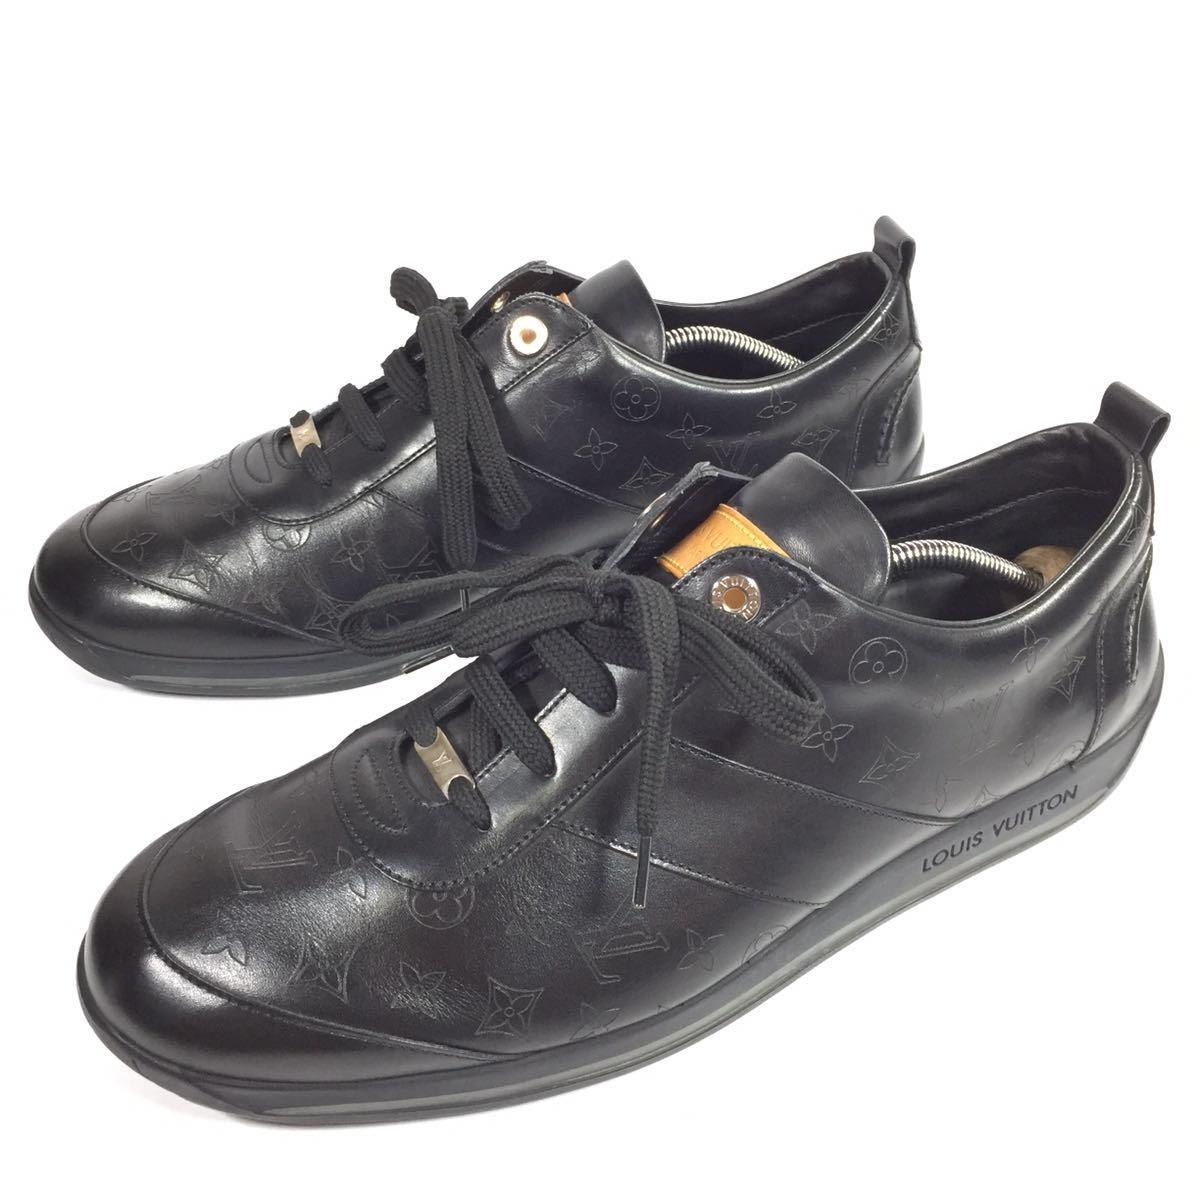 【ルイヴィトン】本物 LOUIS VUITTON 靴 28cm 黒 モノグラム スニーカー カジュアルシューズ 本革 レザー 男性用 メンズ イタリア製 9 1/2_画像1